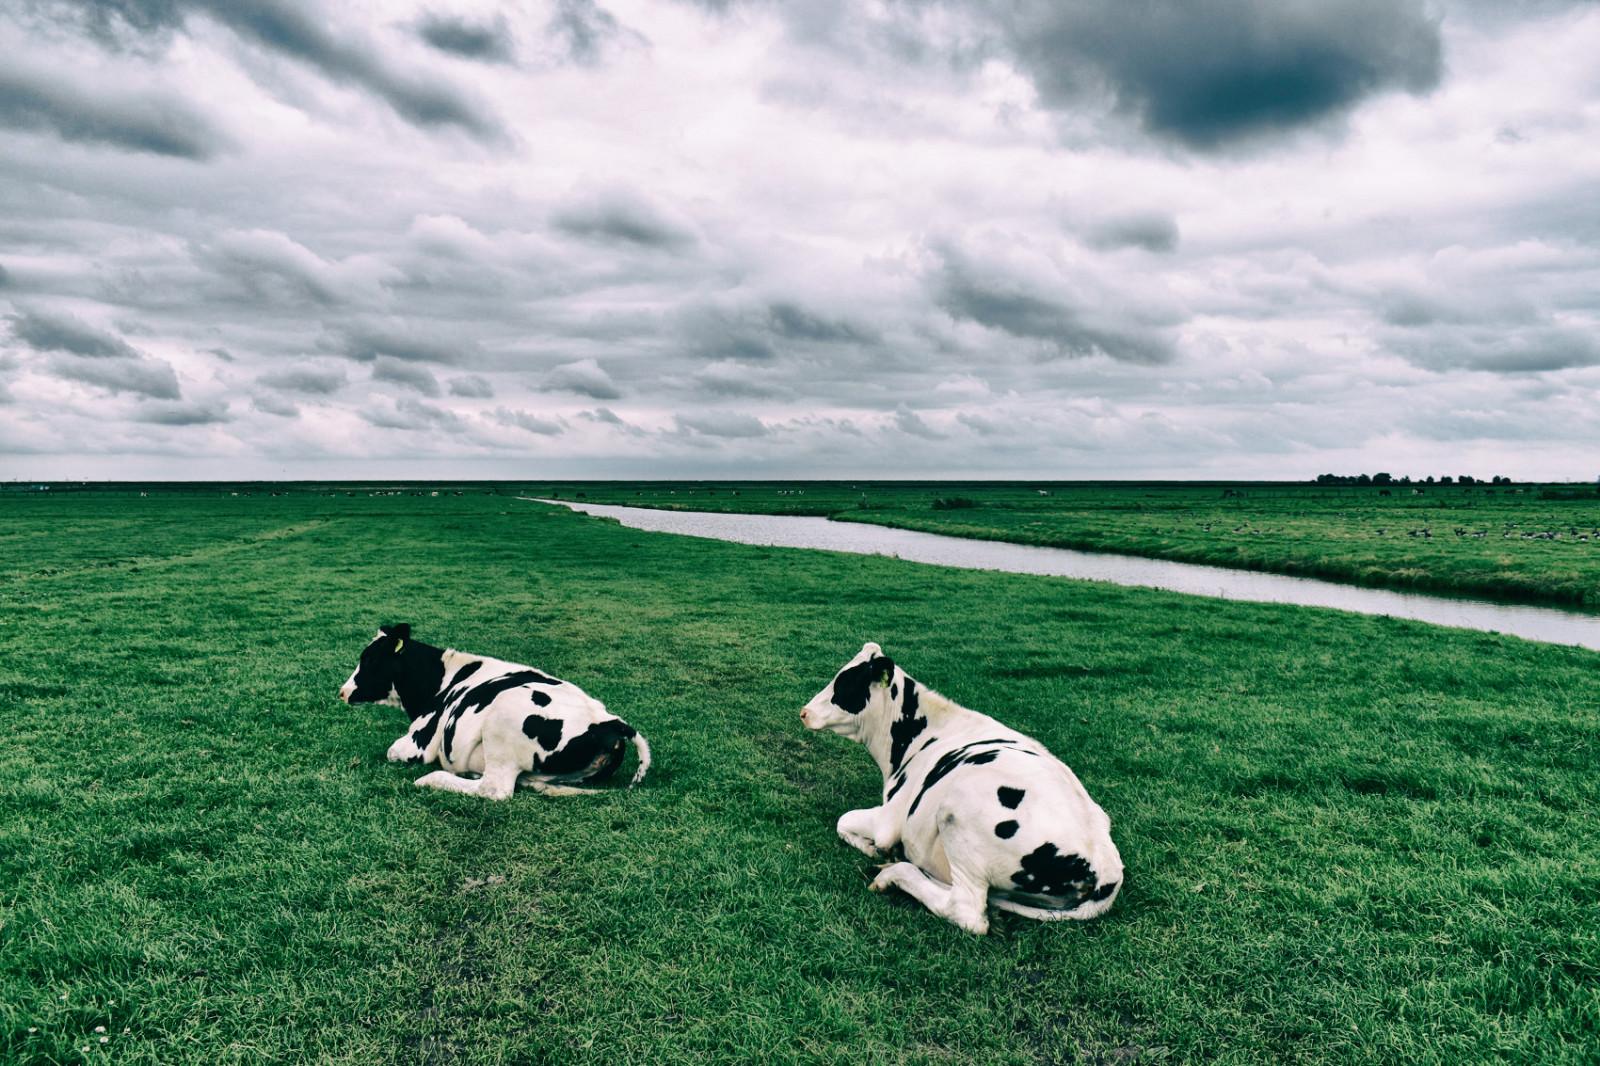 dutch-cheese-cows-meadow